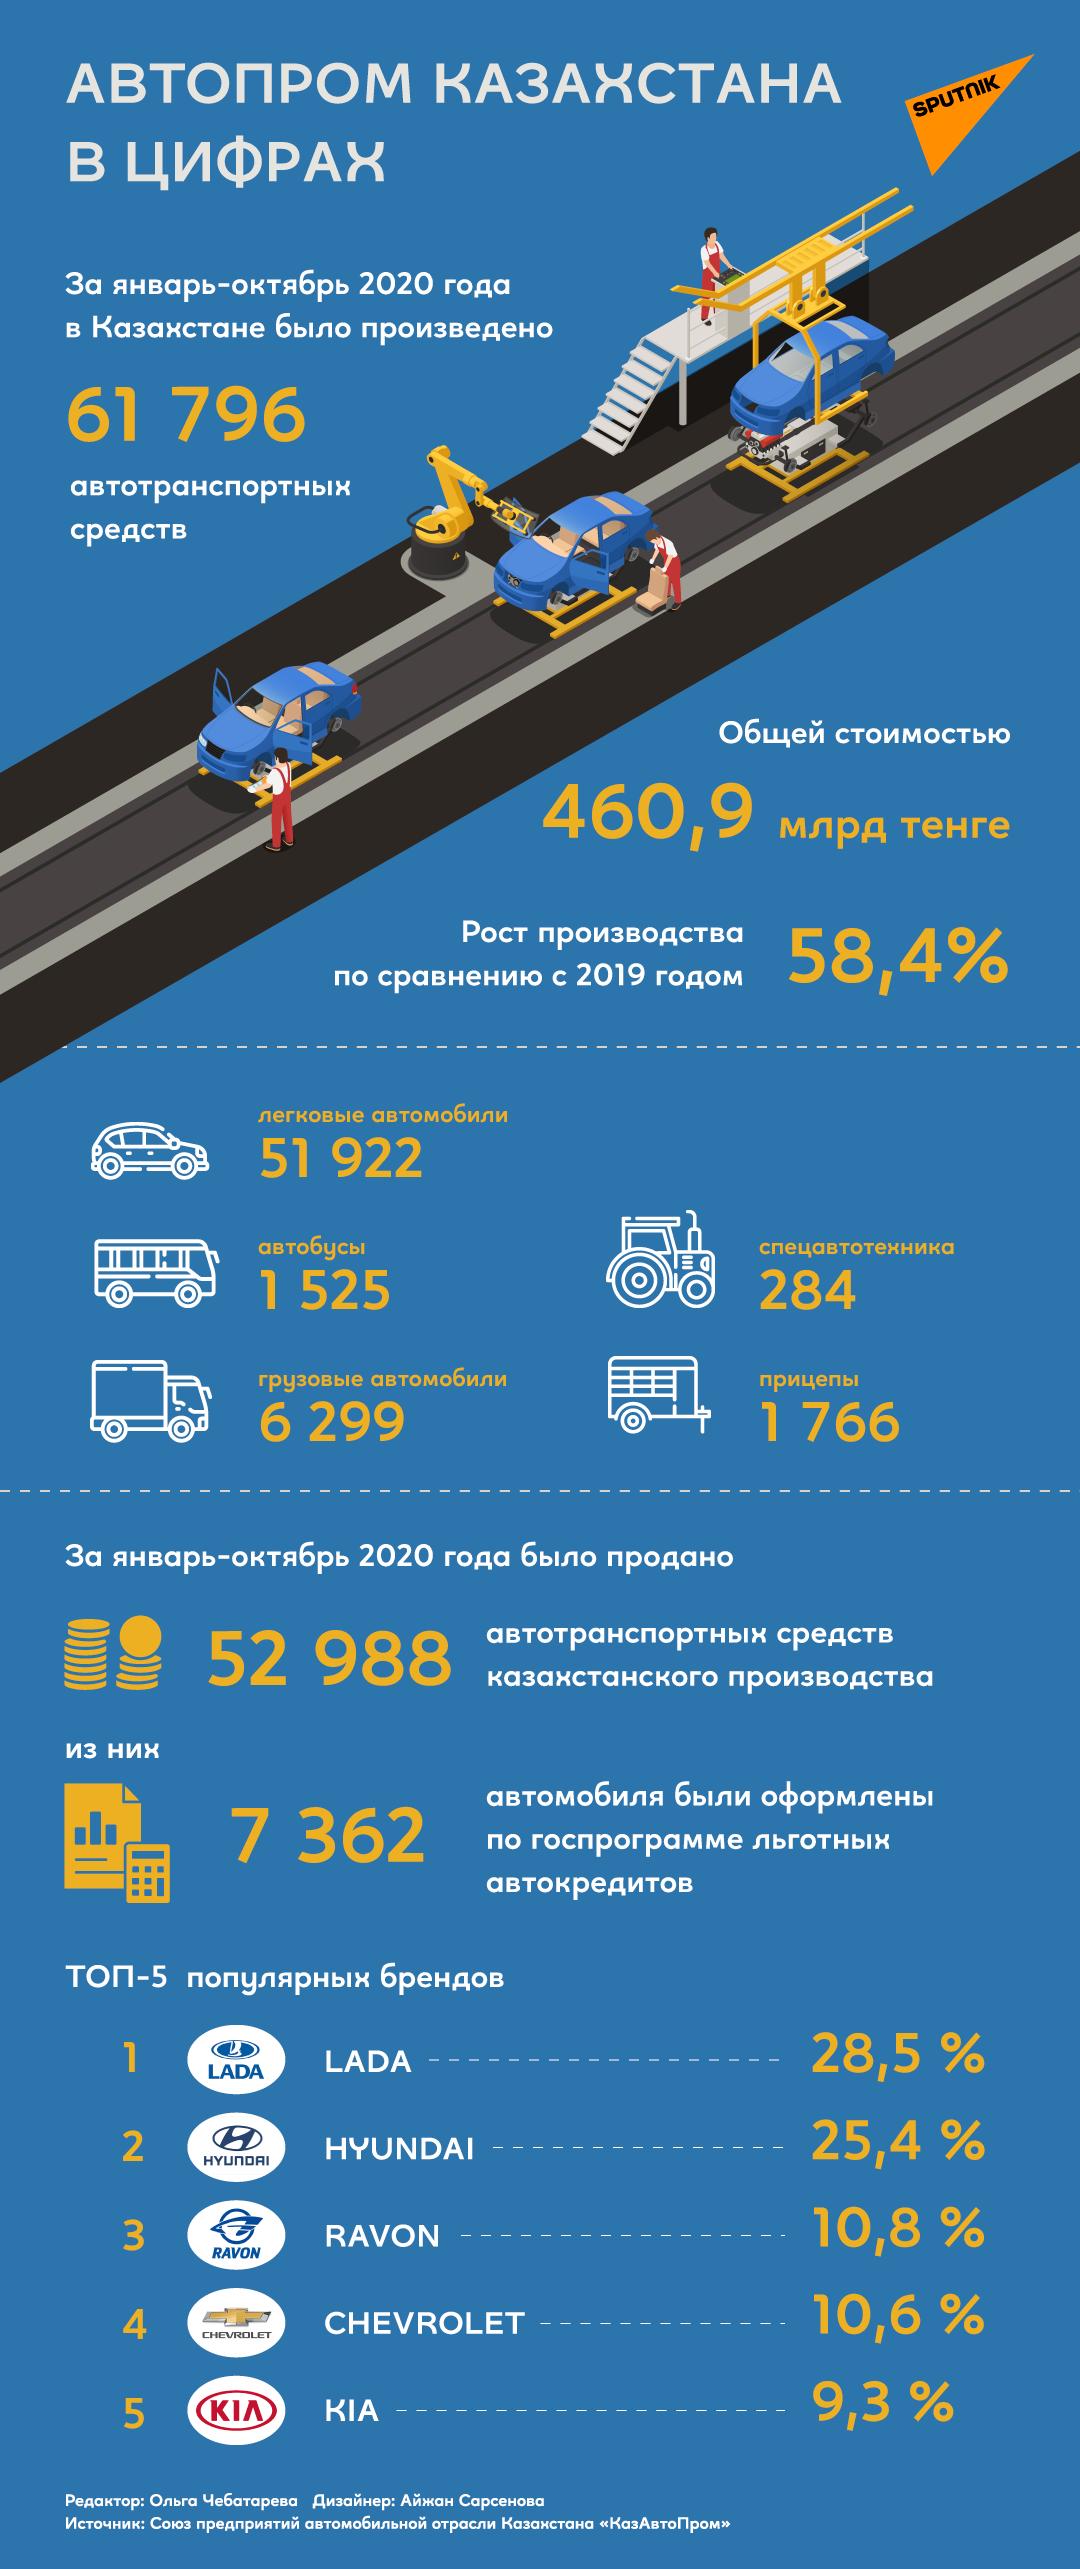 Автопром Казахстана